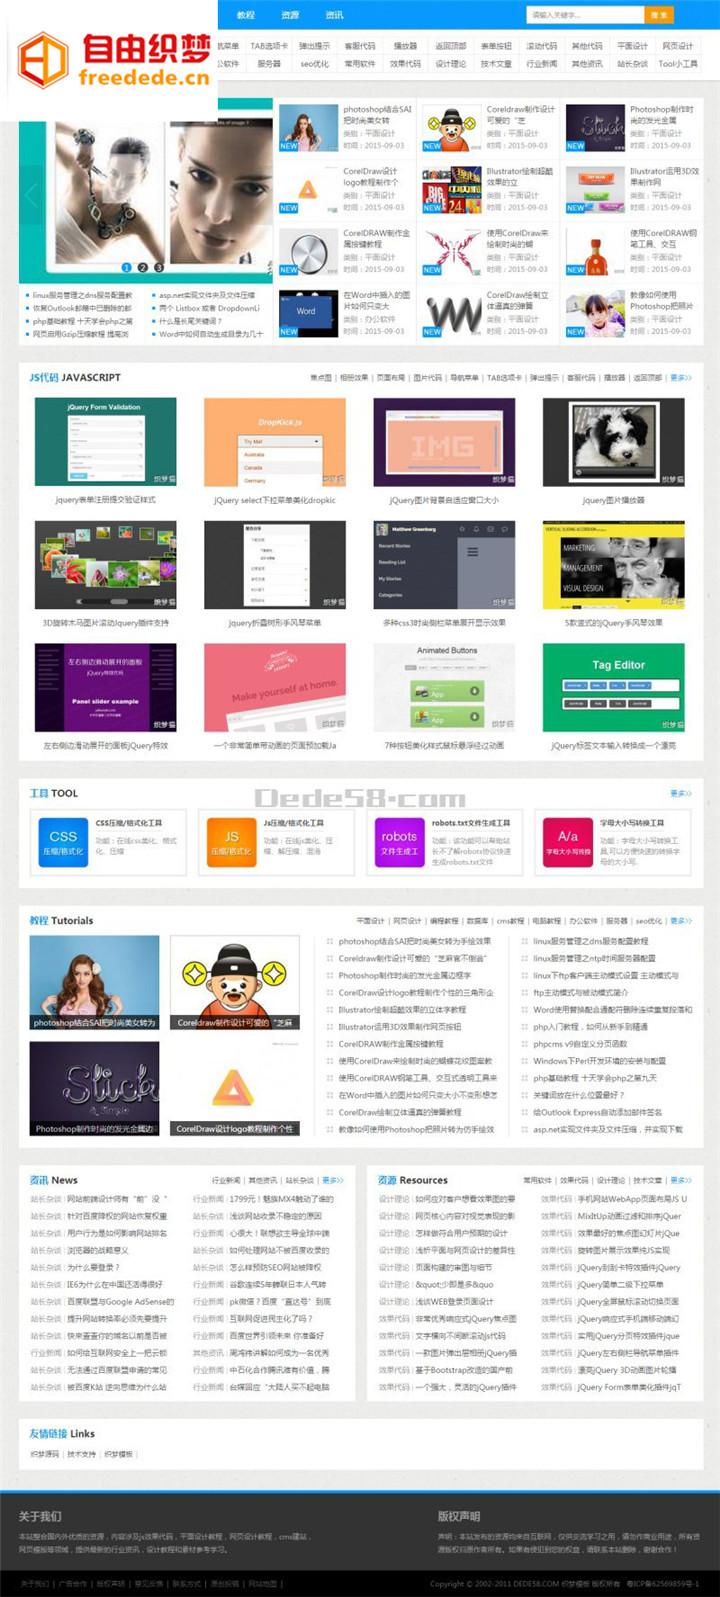 爱上源码网文章蓝色素材资源文章类织梦模板营销型整站源码下载的内容插图